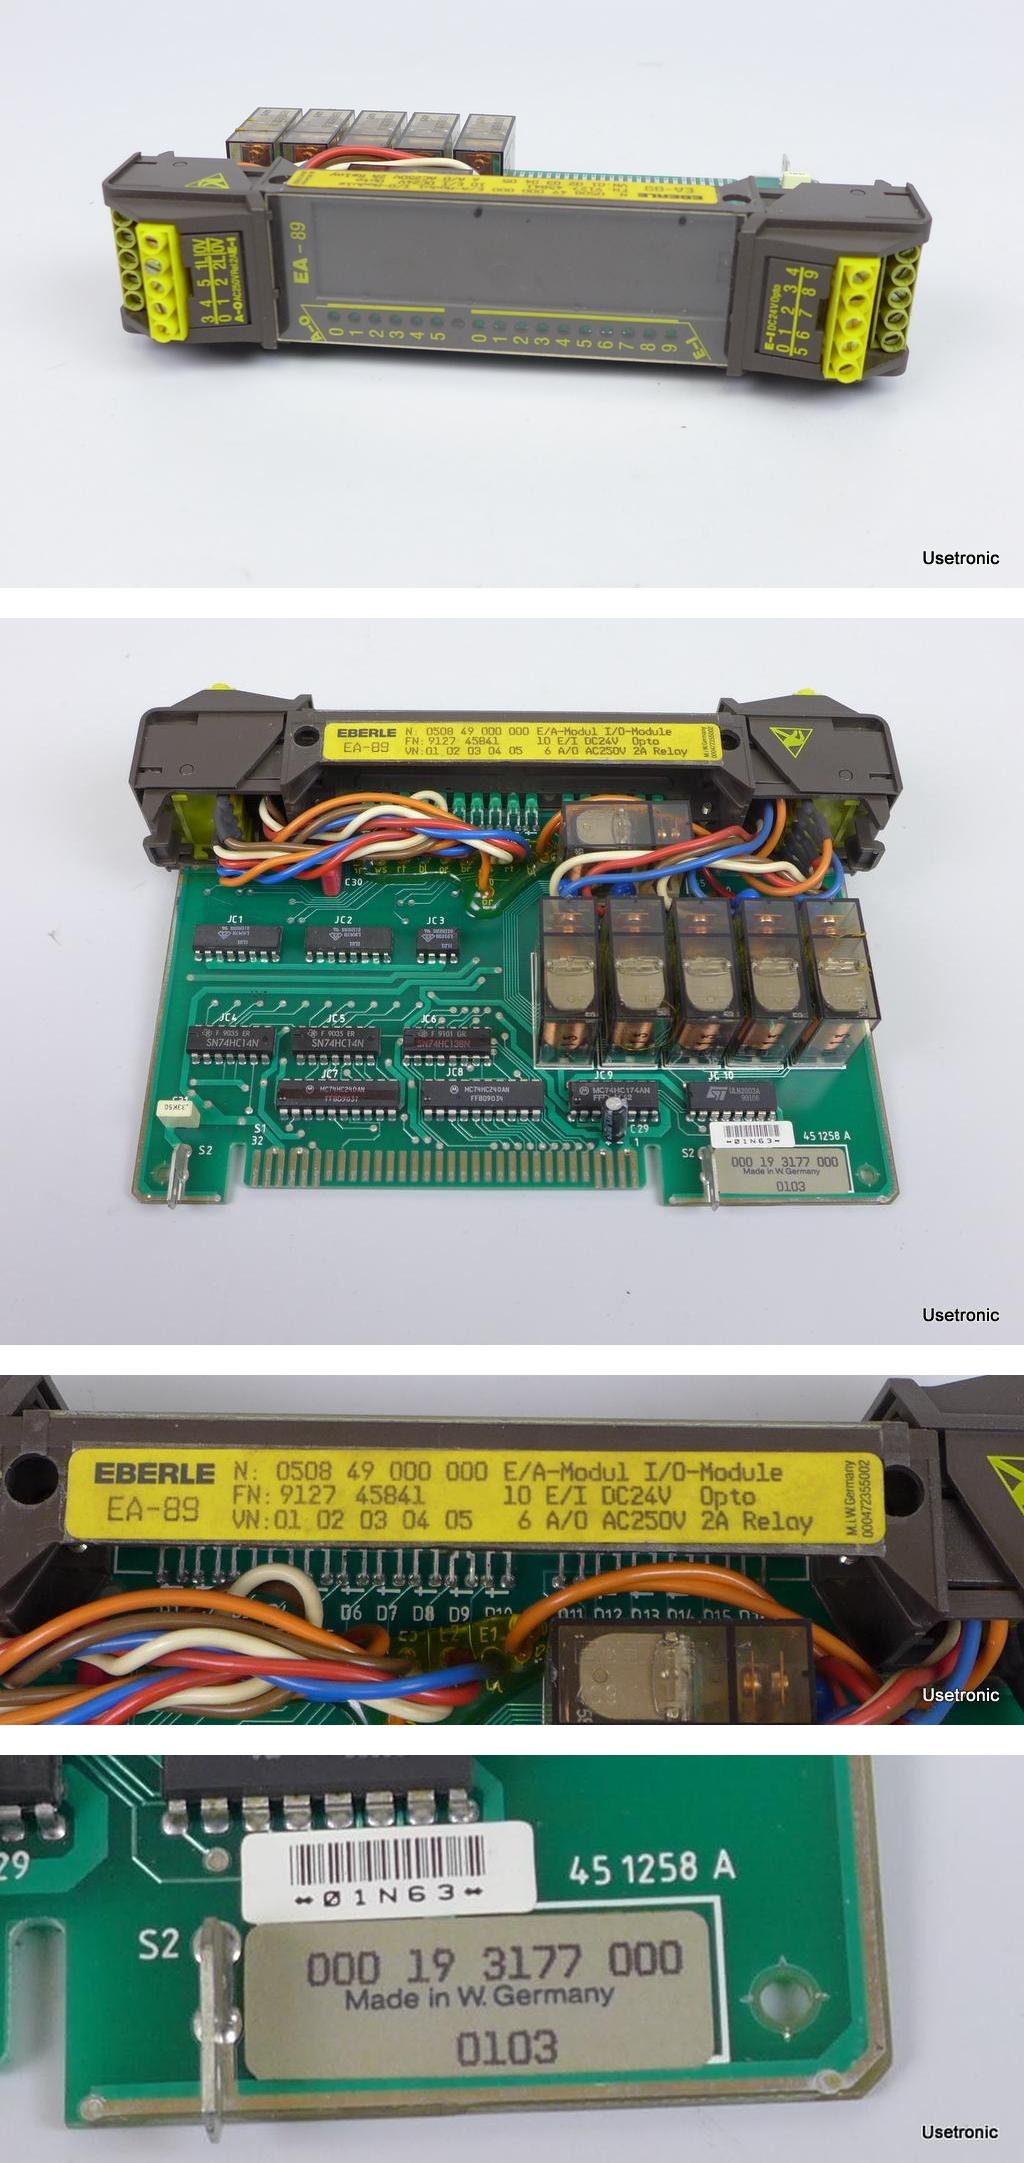 Eberle PLS 508 EA-89 050849000000